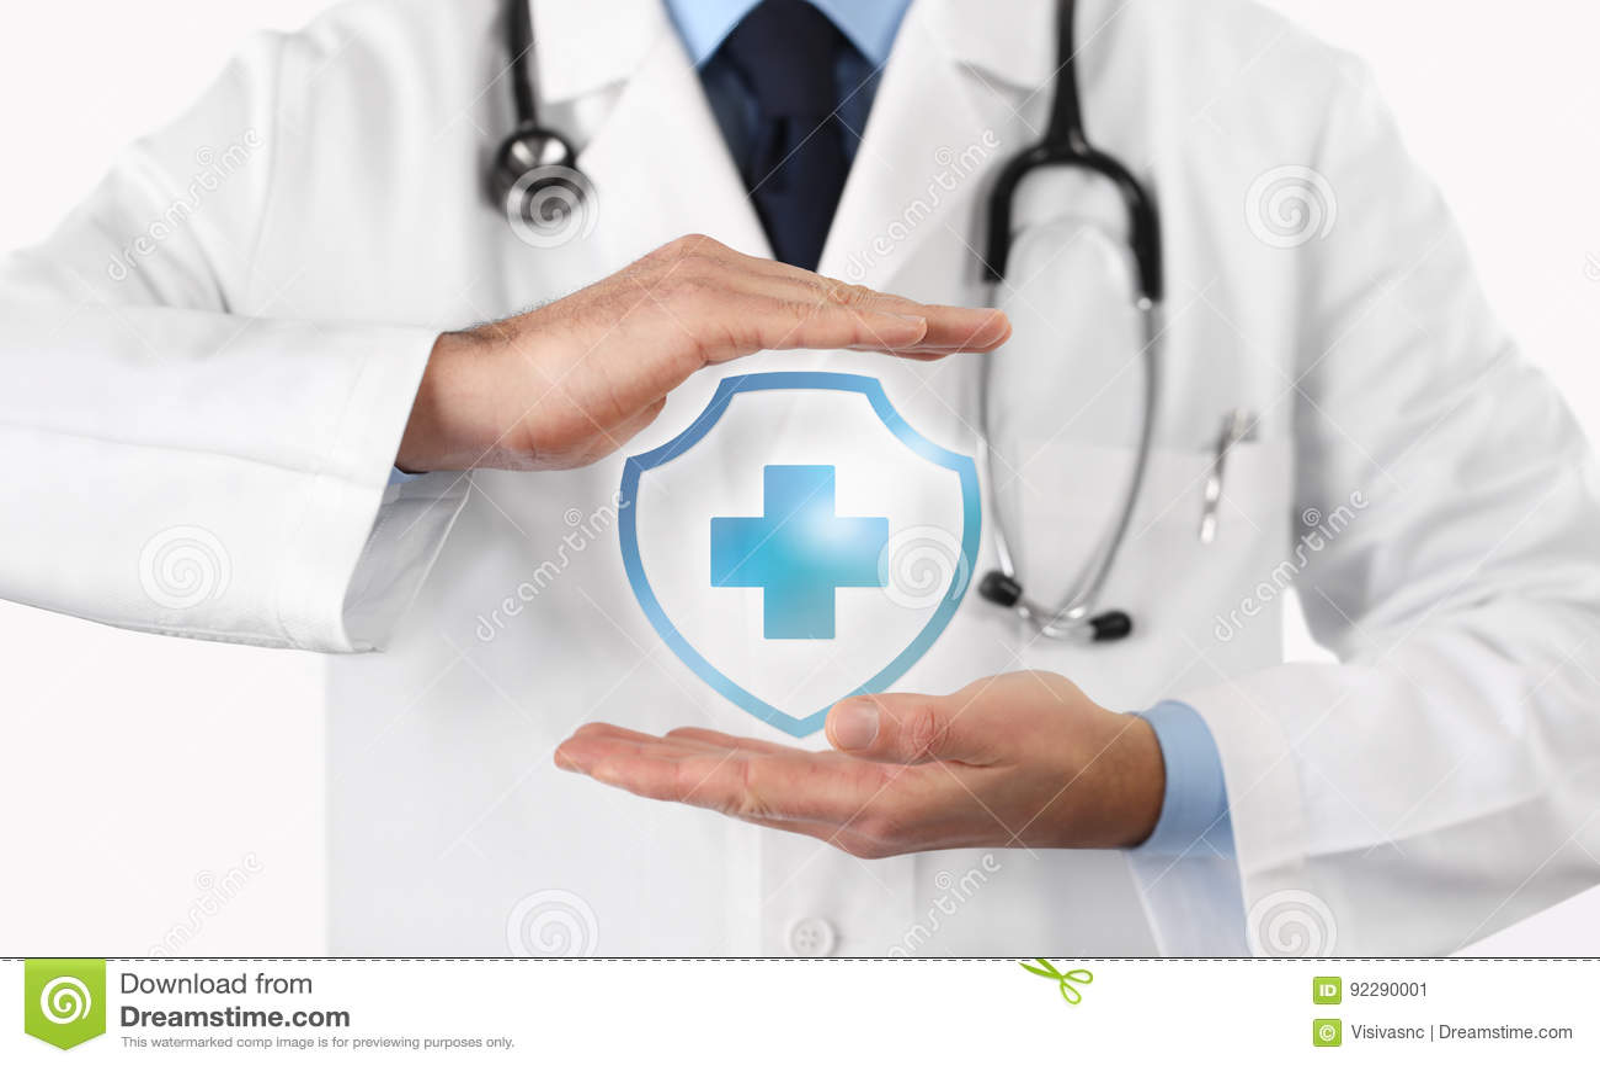 Concepto médico del seguro médico, símbolo cruzado